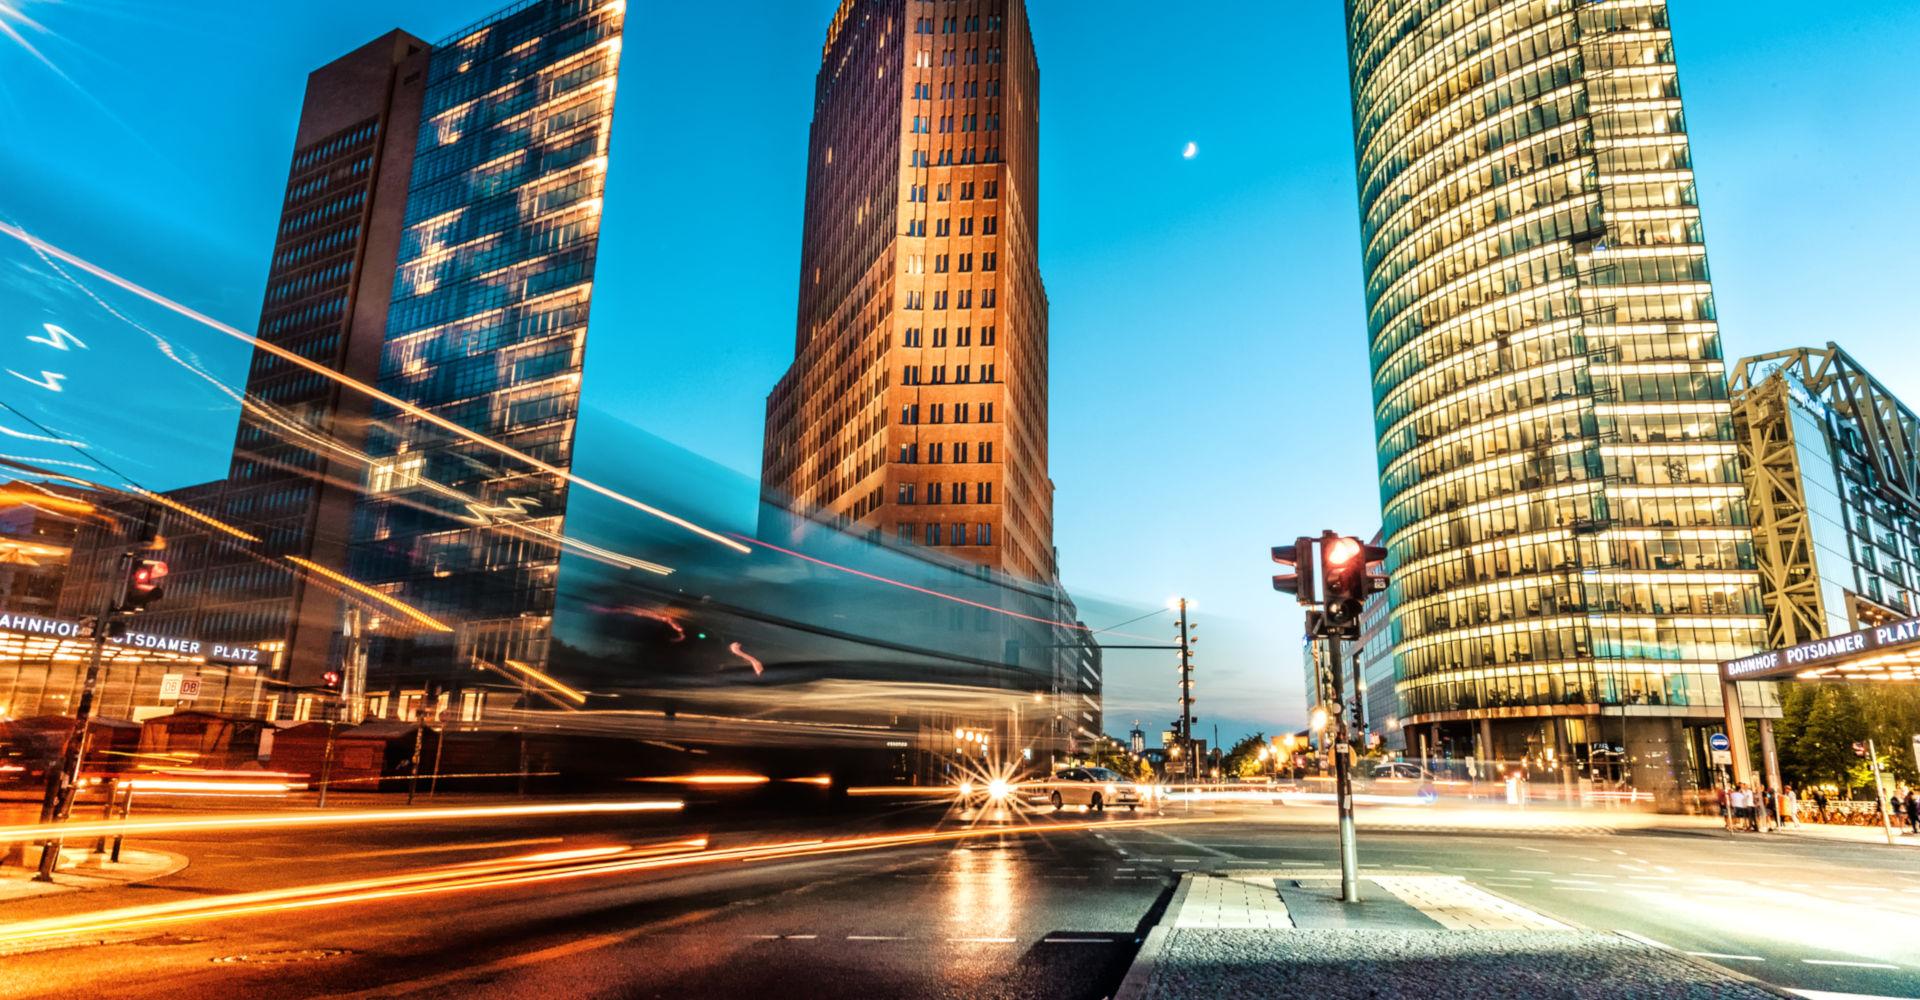 Der Potsdamer Platz in Berlin am Nachmittag